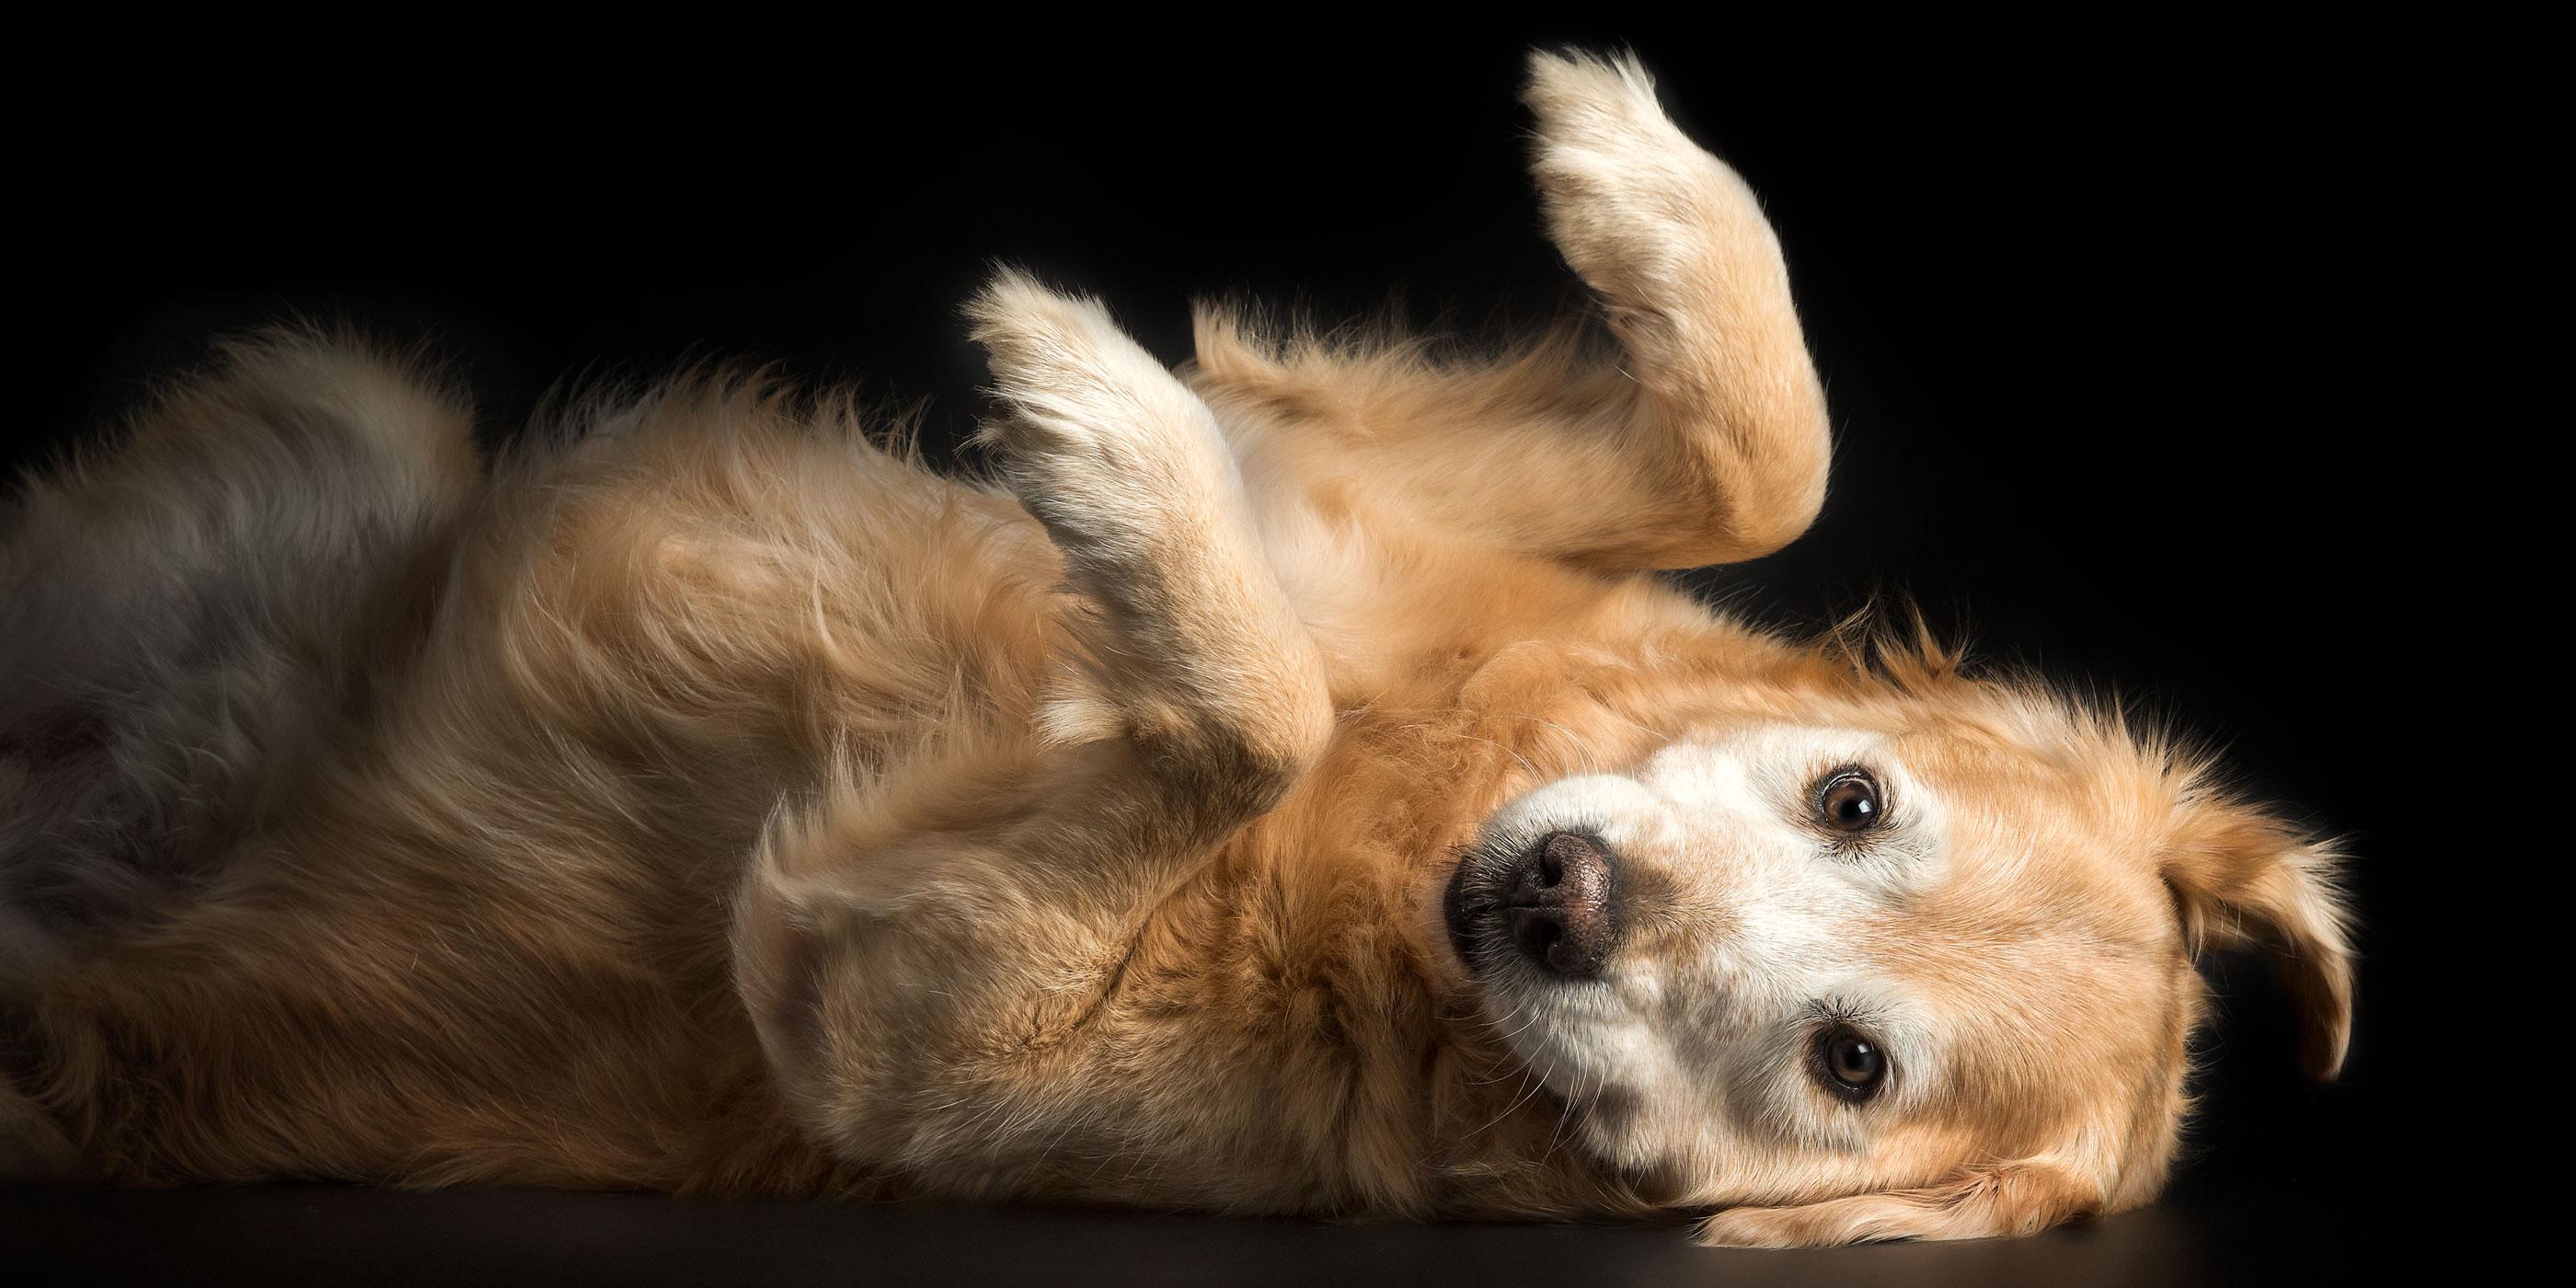 upside down golden retriever